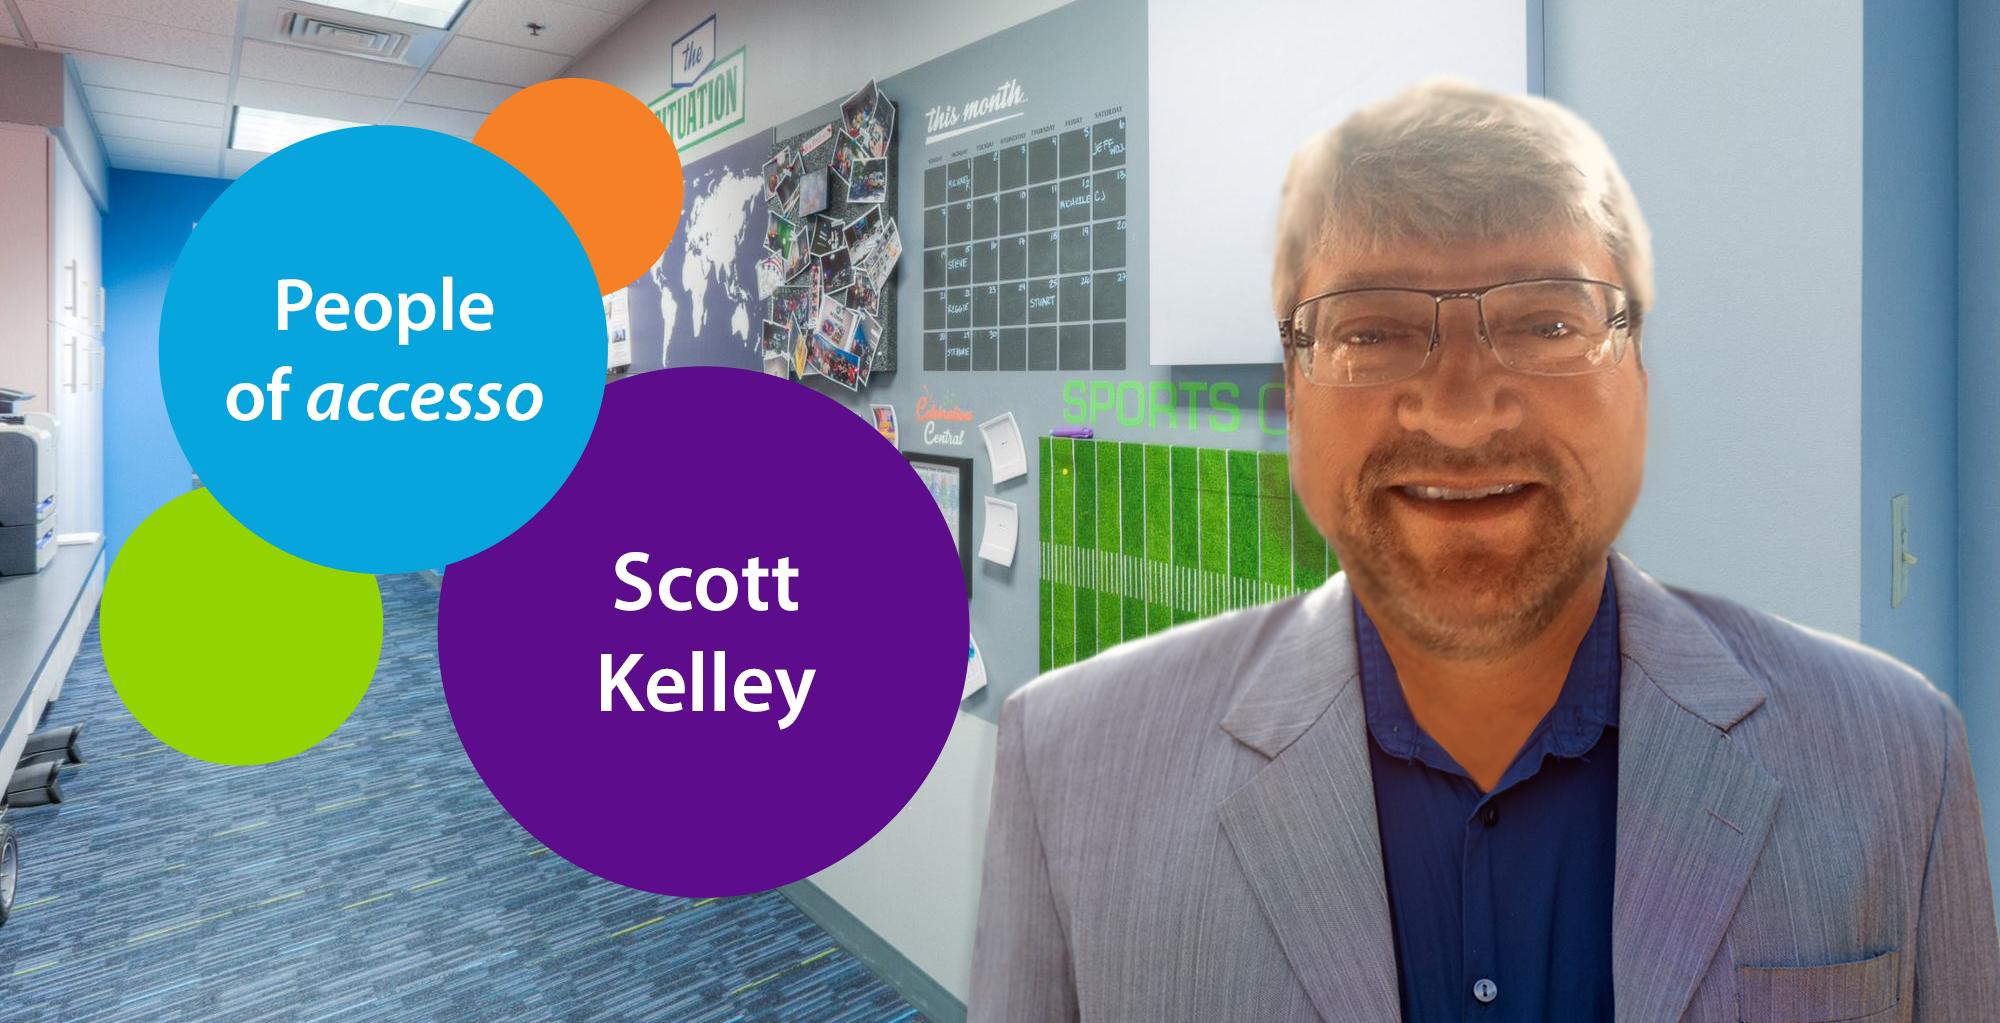 People of accesso Scott Kelley